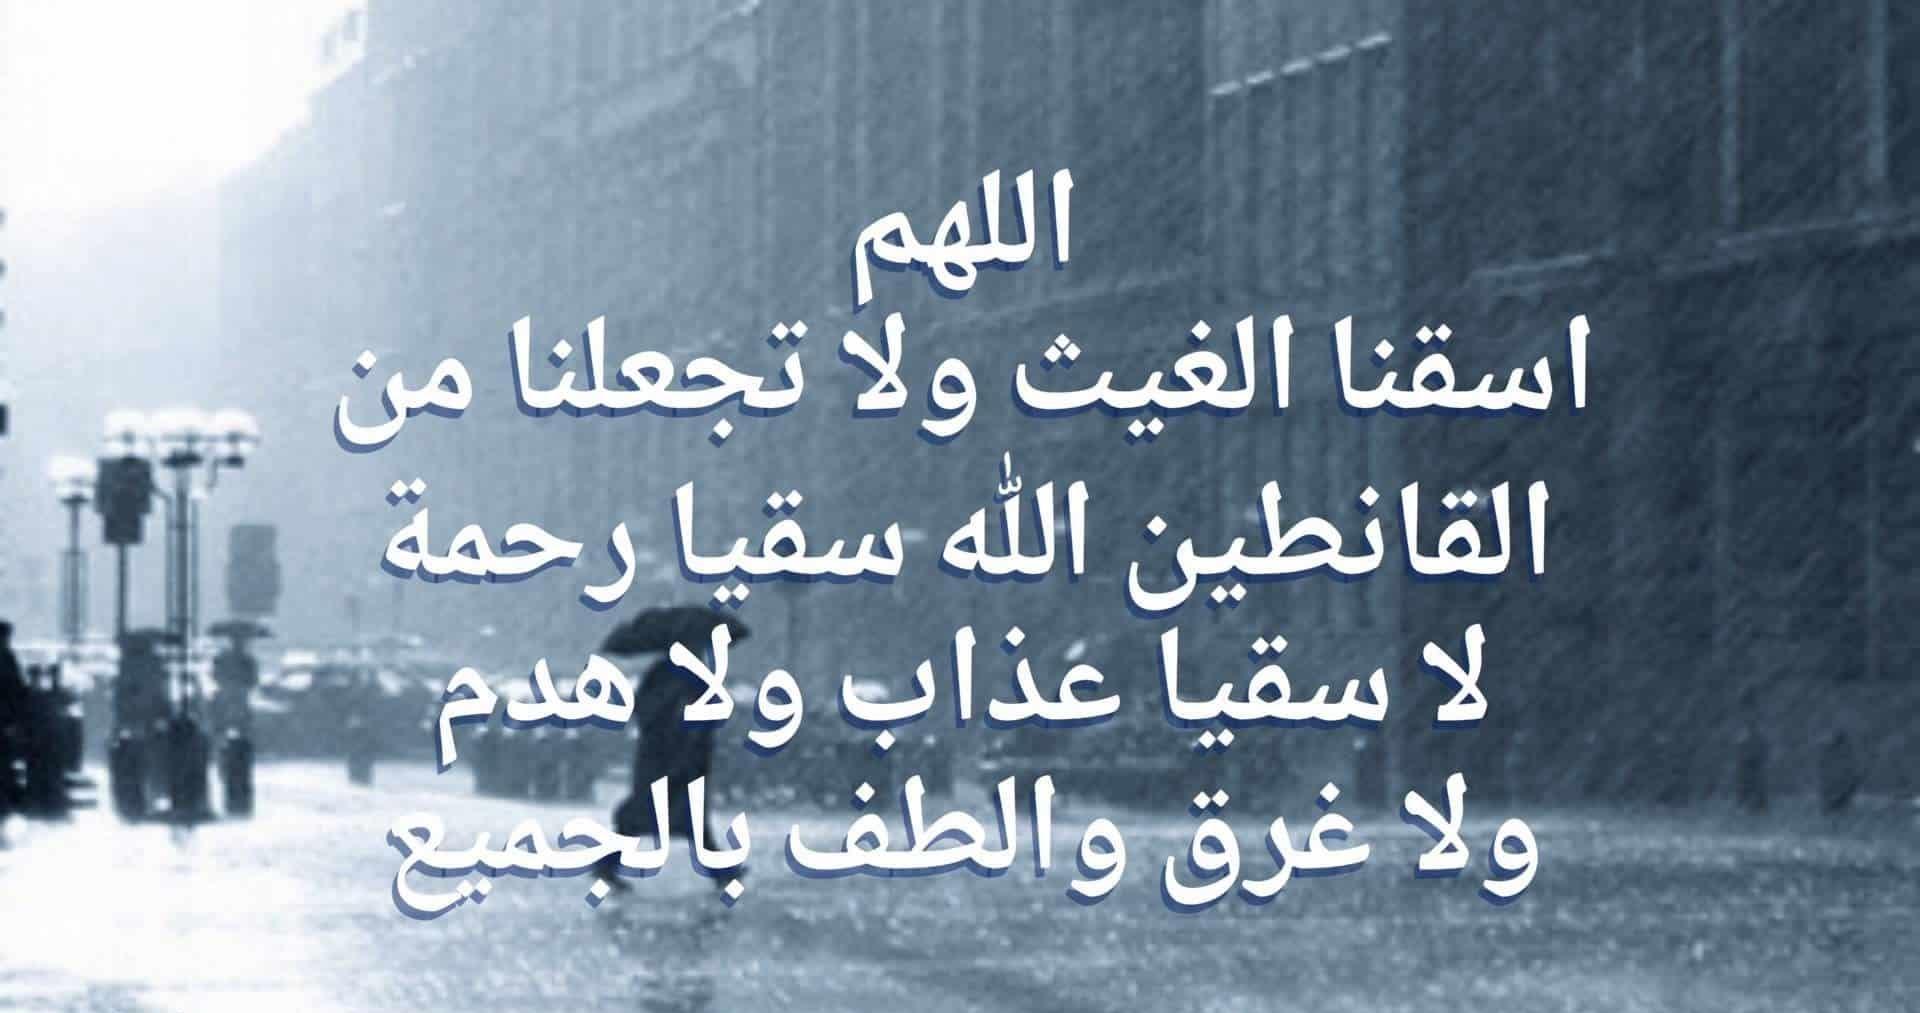 بالصور دعاء نزول المطر , دعاء الاستسقاء و تاخر المطر 466 2